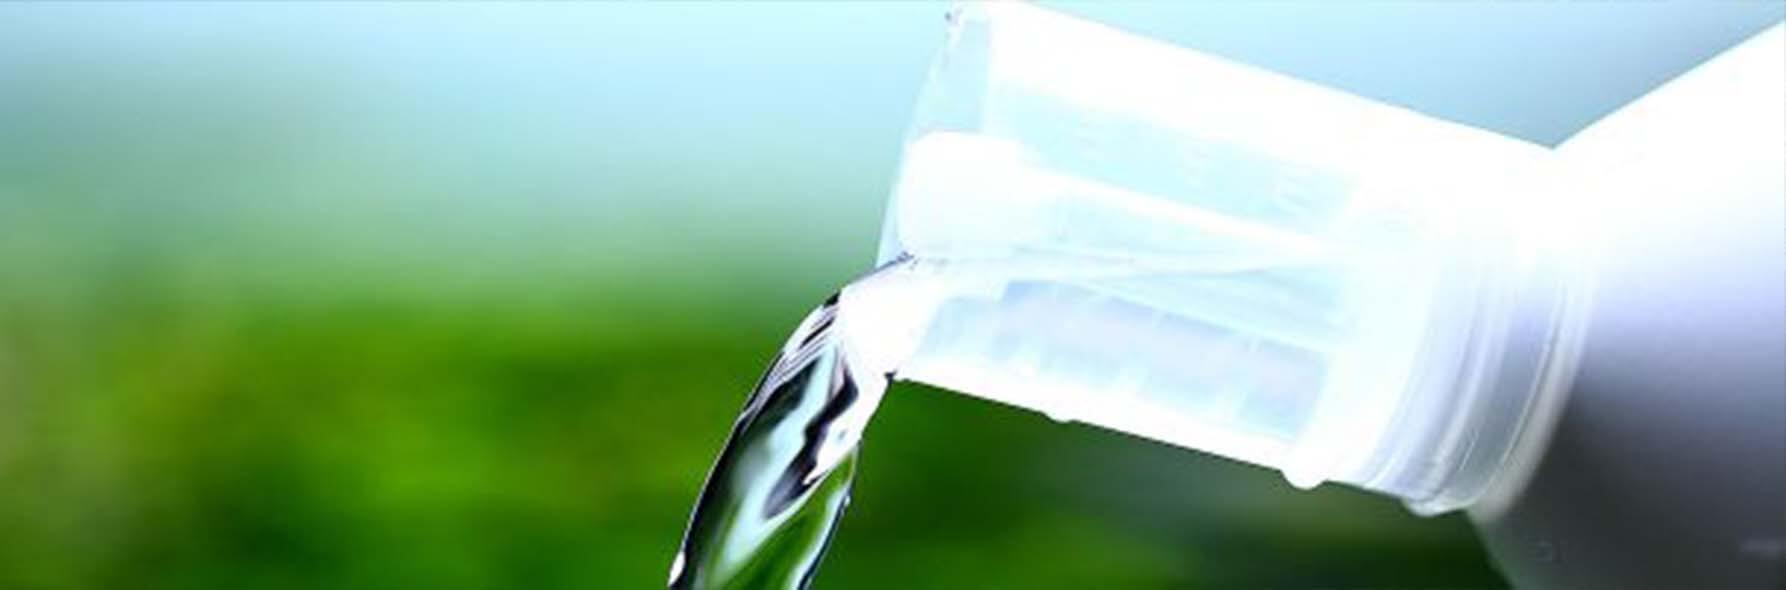 Жидкие удобрения для аквариума